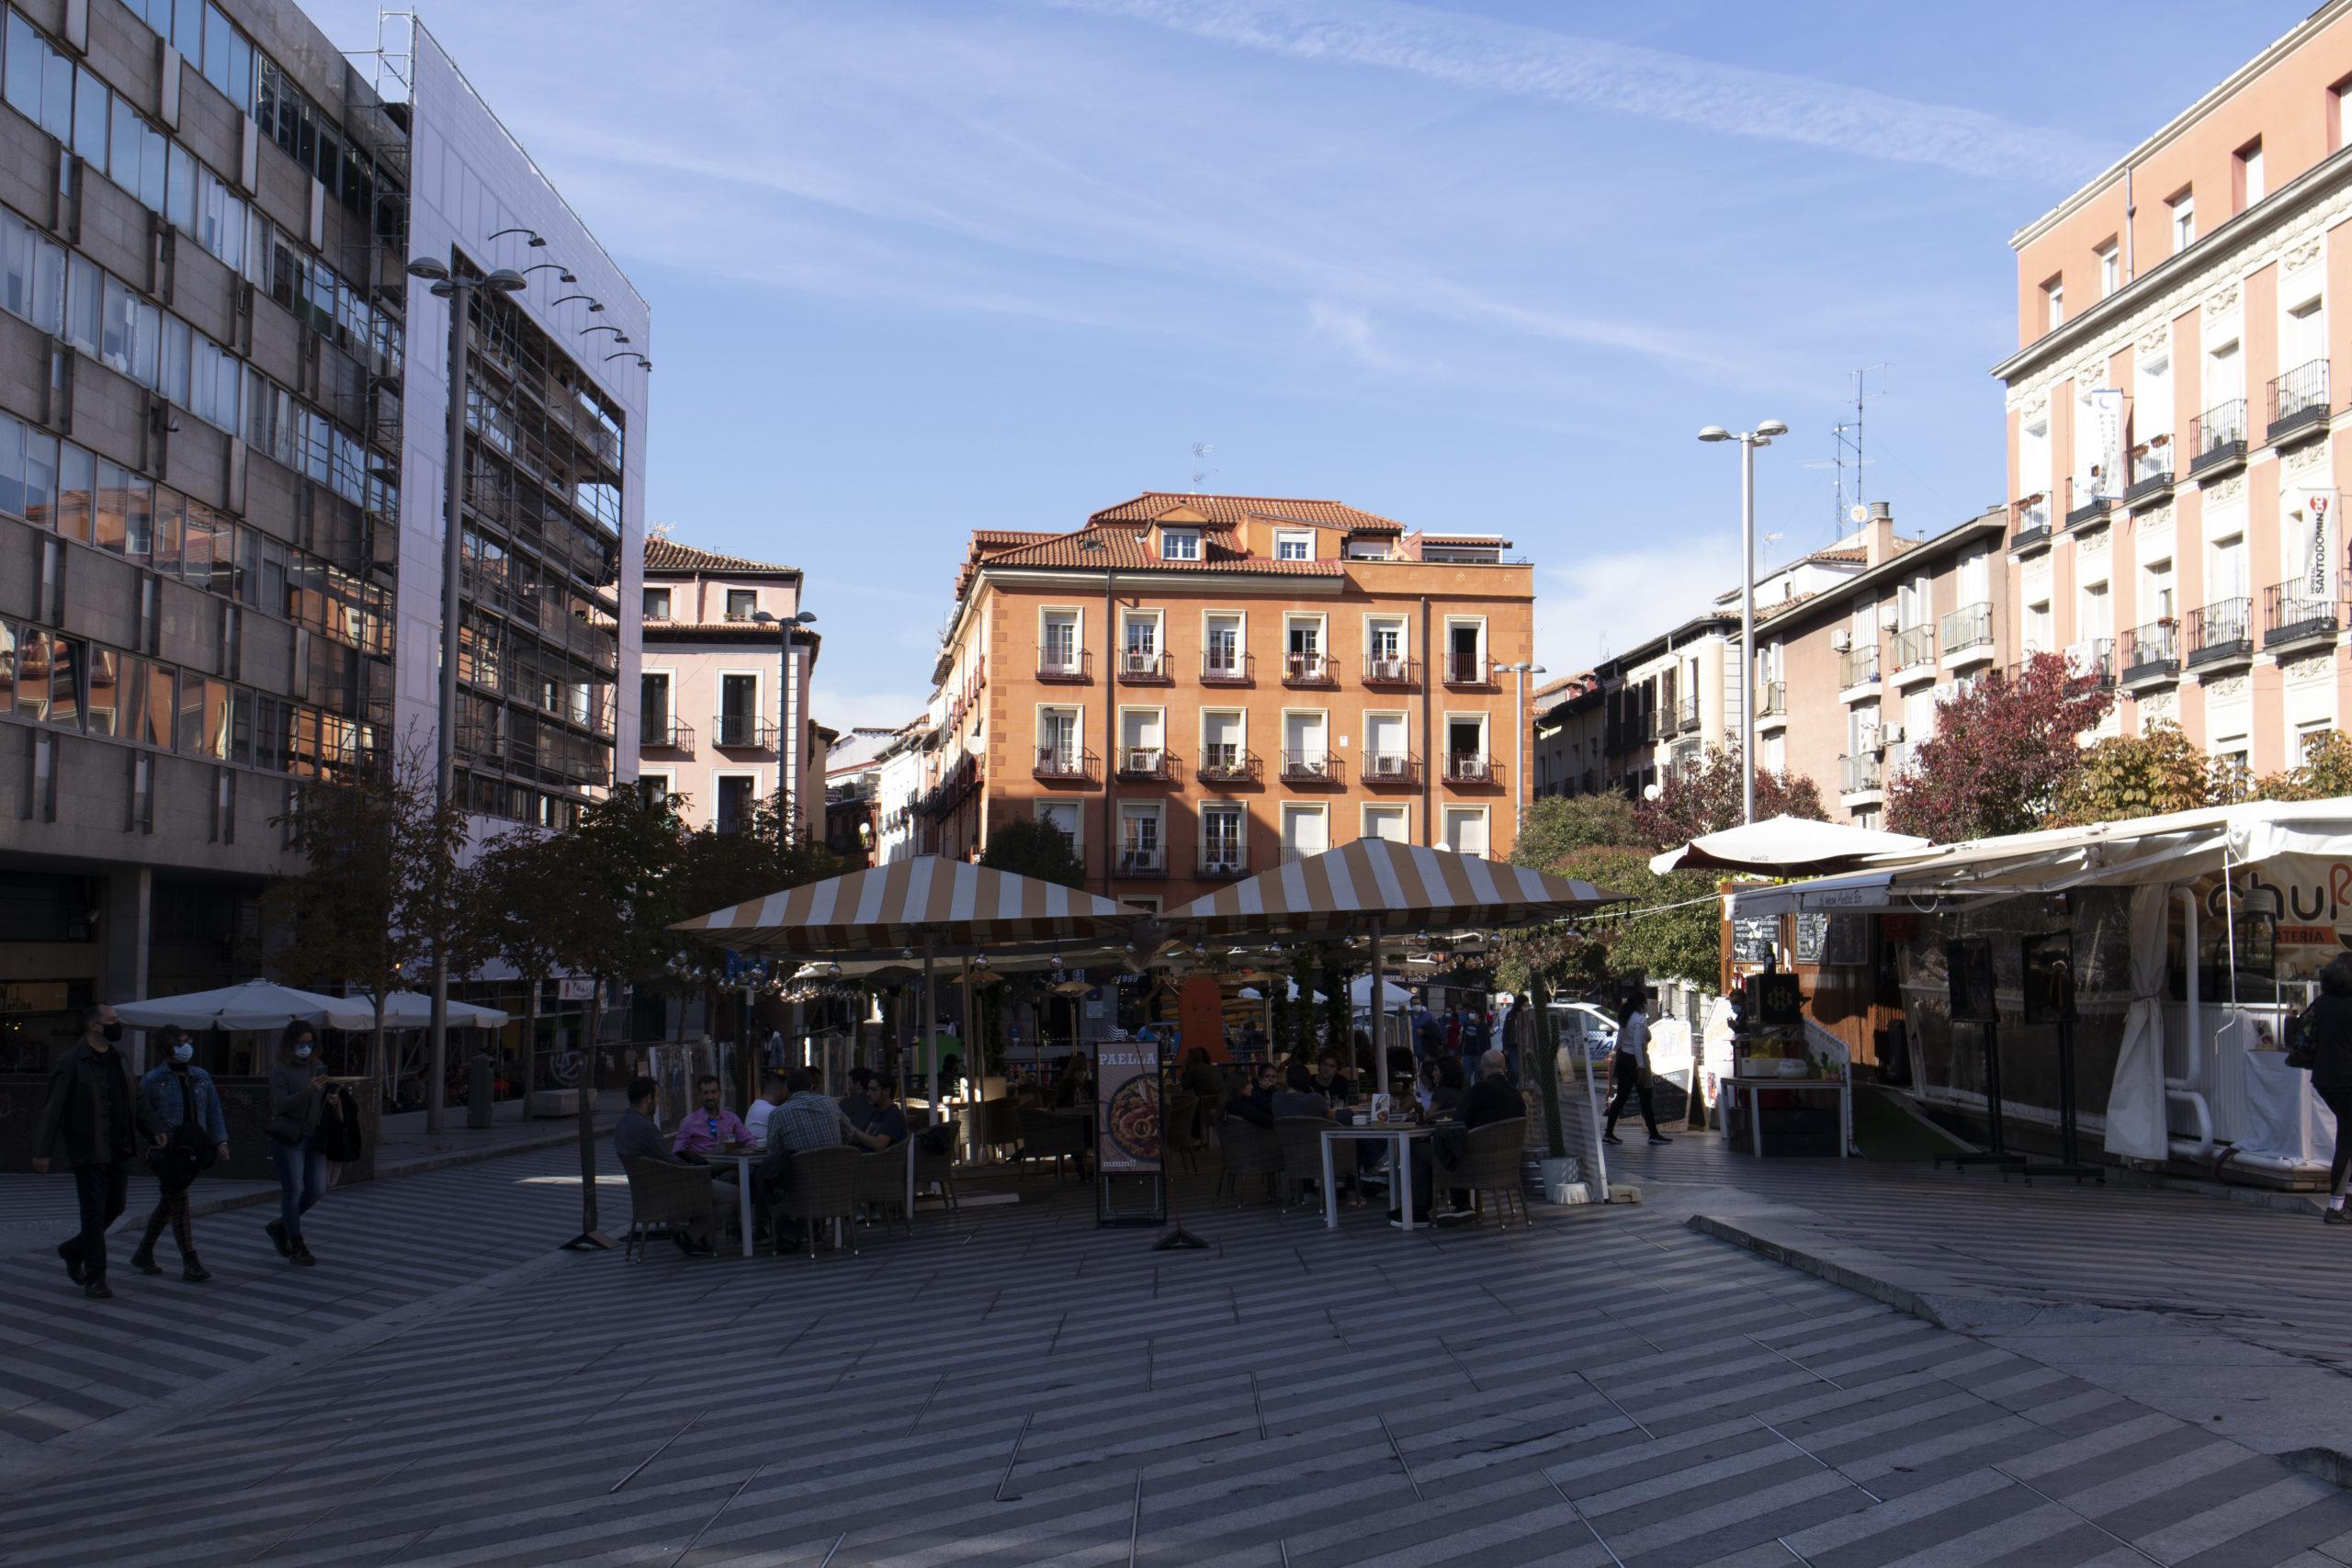 plaza-luna-madrid